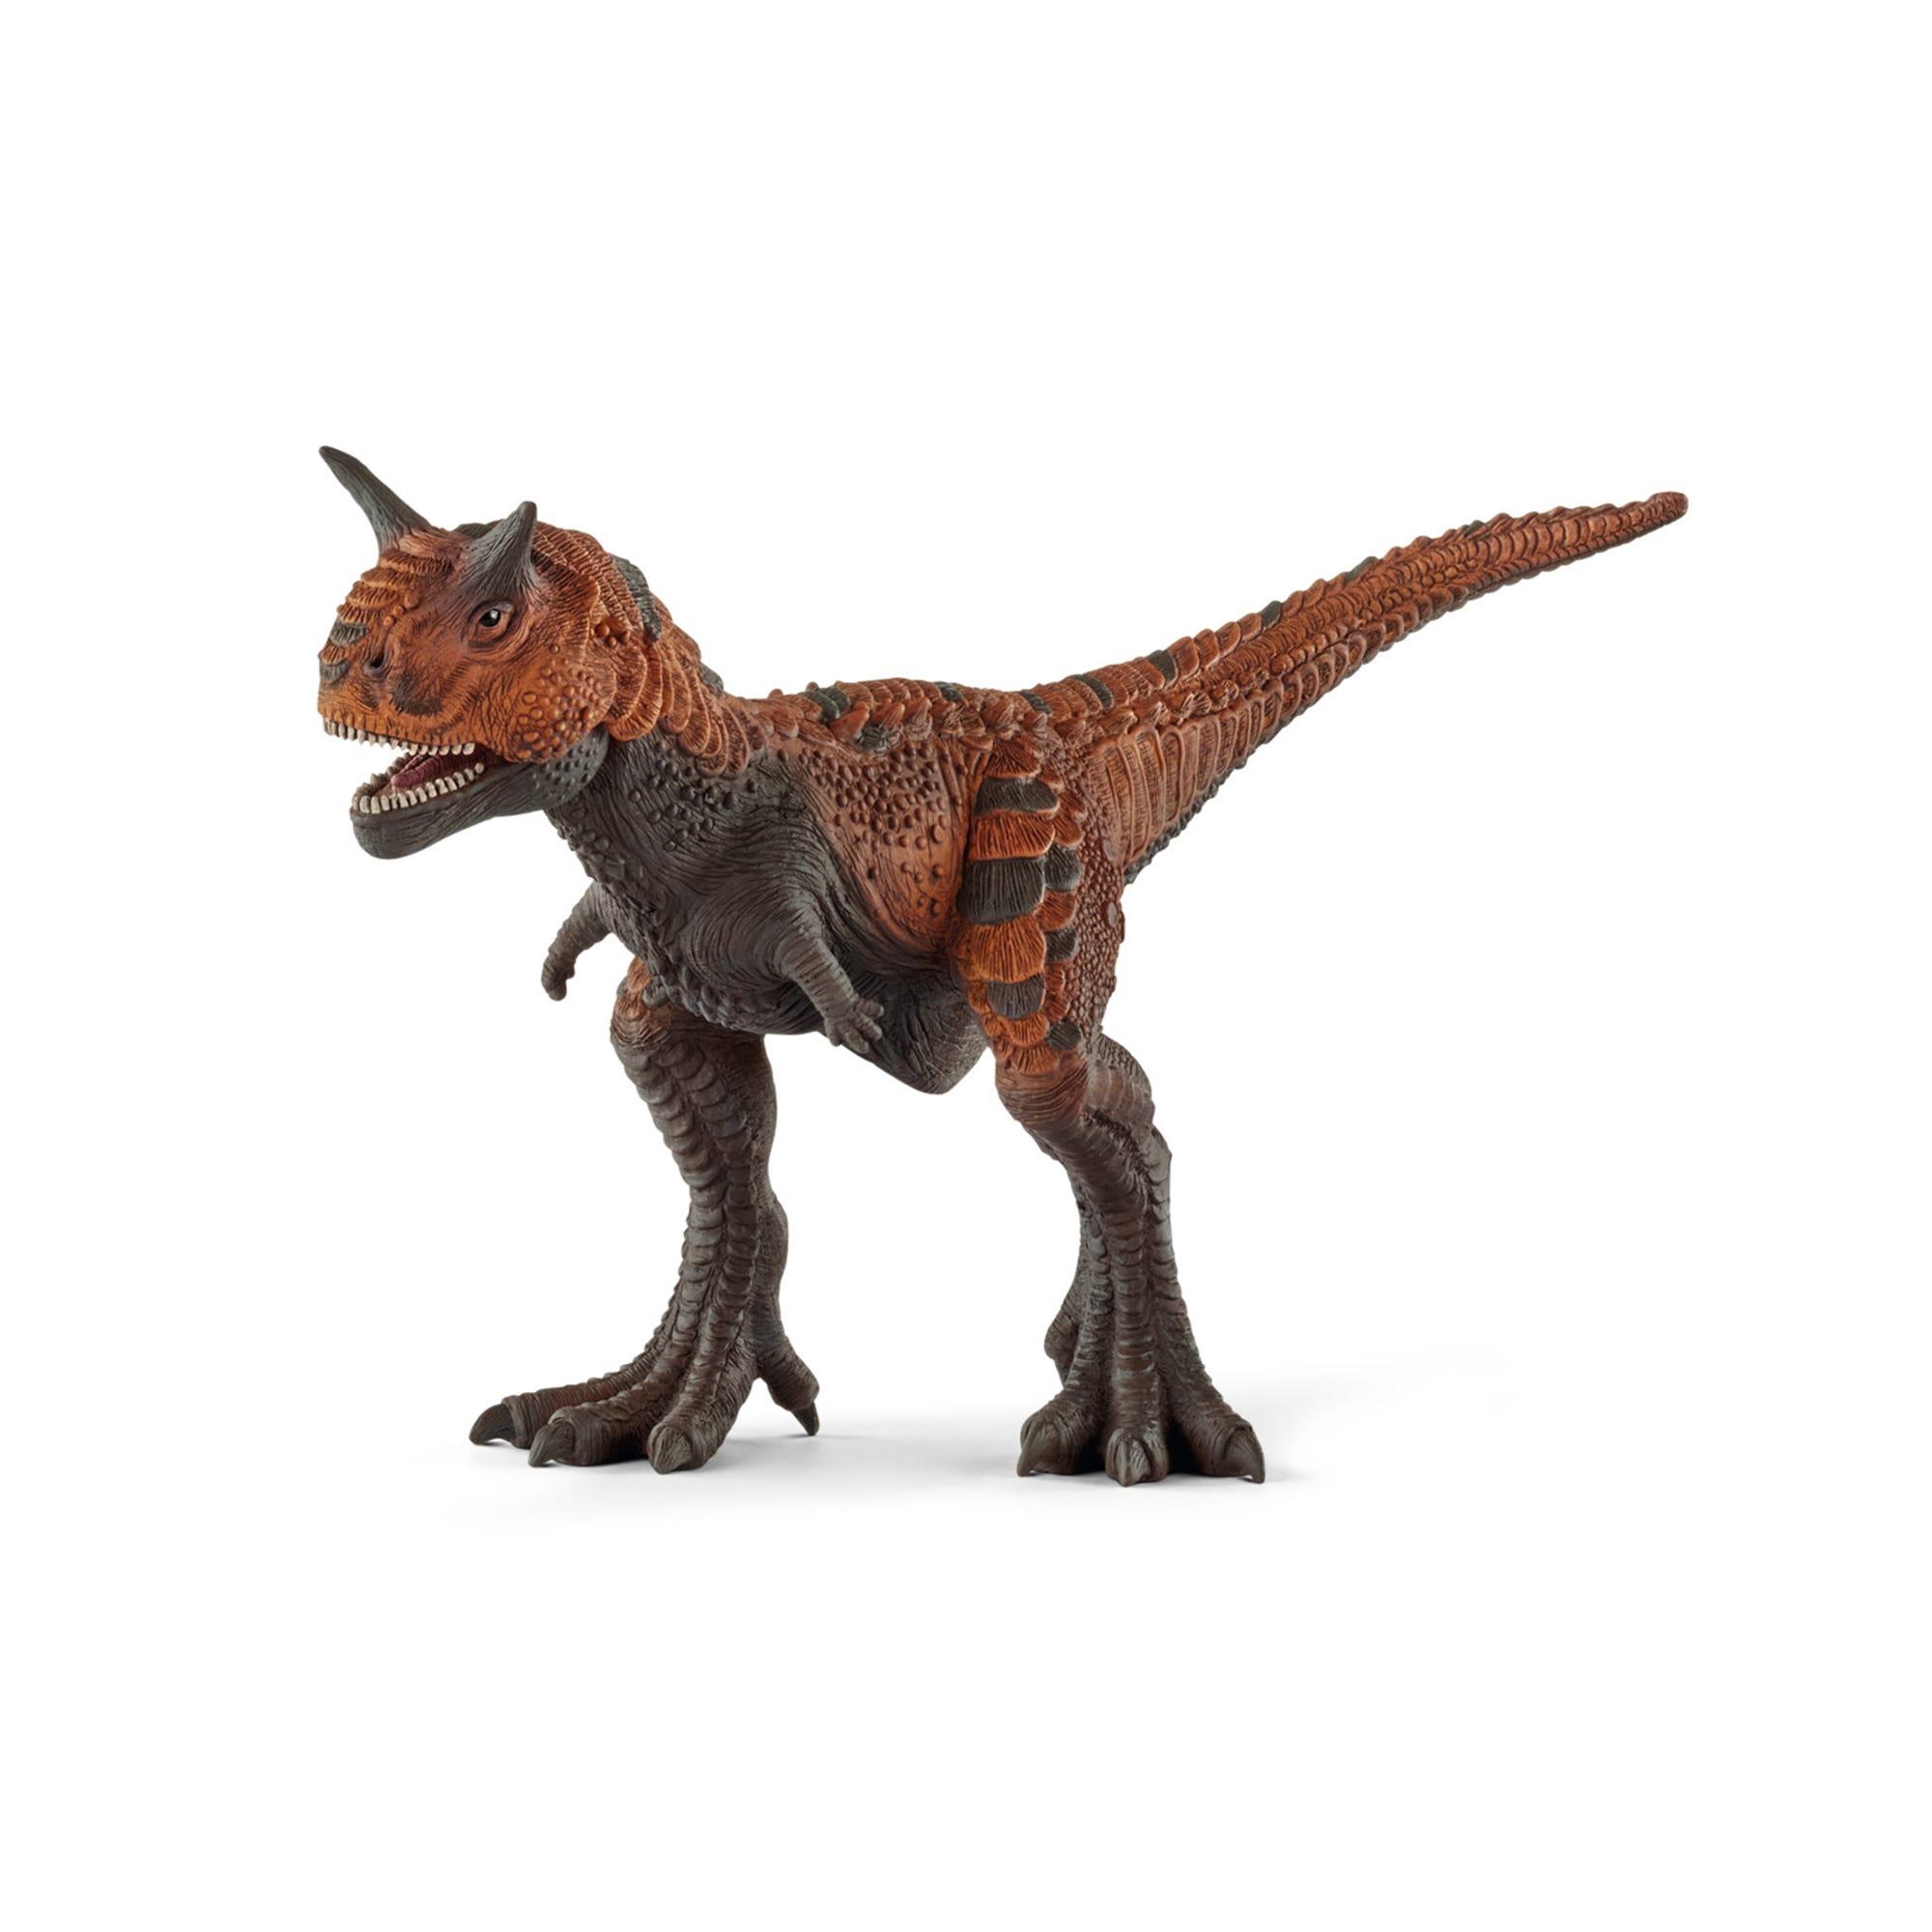 Schleich Carnotaurus Figure